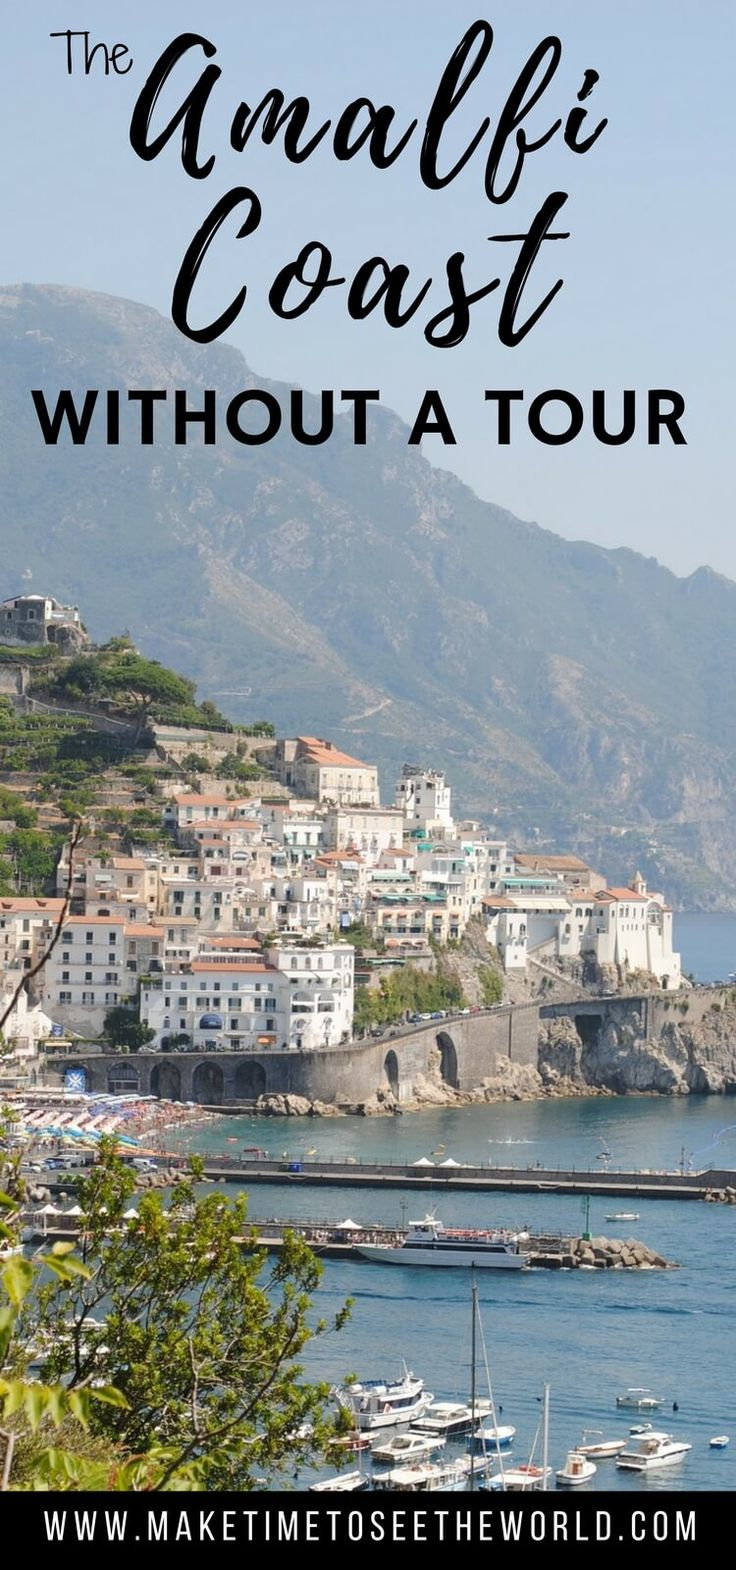 ღღ Plan your own DIY Amalfi Coast Tour to Positano, Amalfi & Ravello including how to get there, where to stay and where to eat in each village!